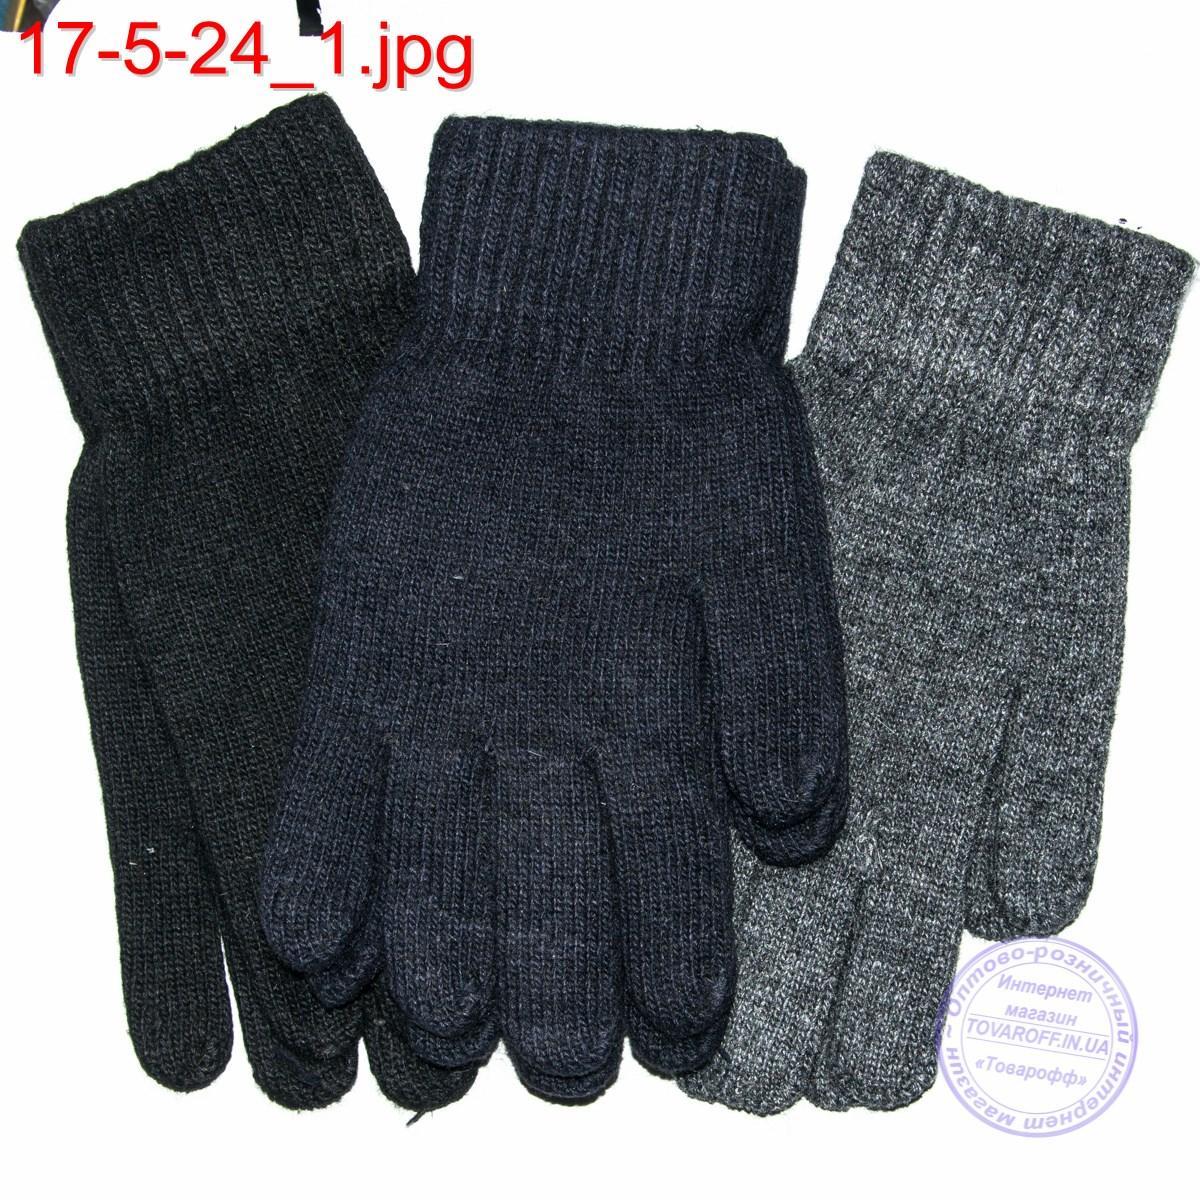 Оптом двойные ангоровые мужские перчатки - №17-5-24